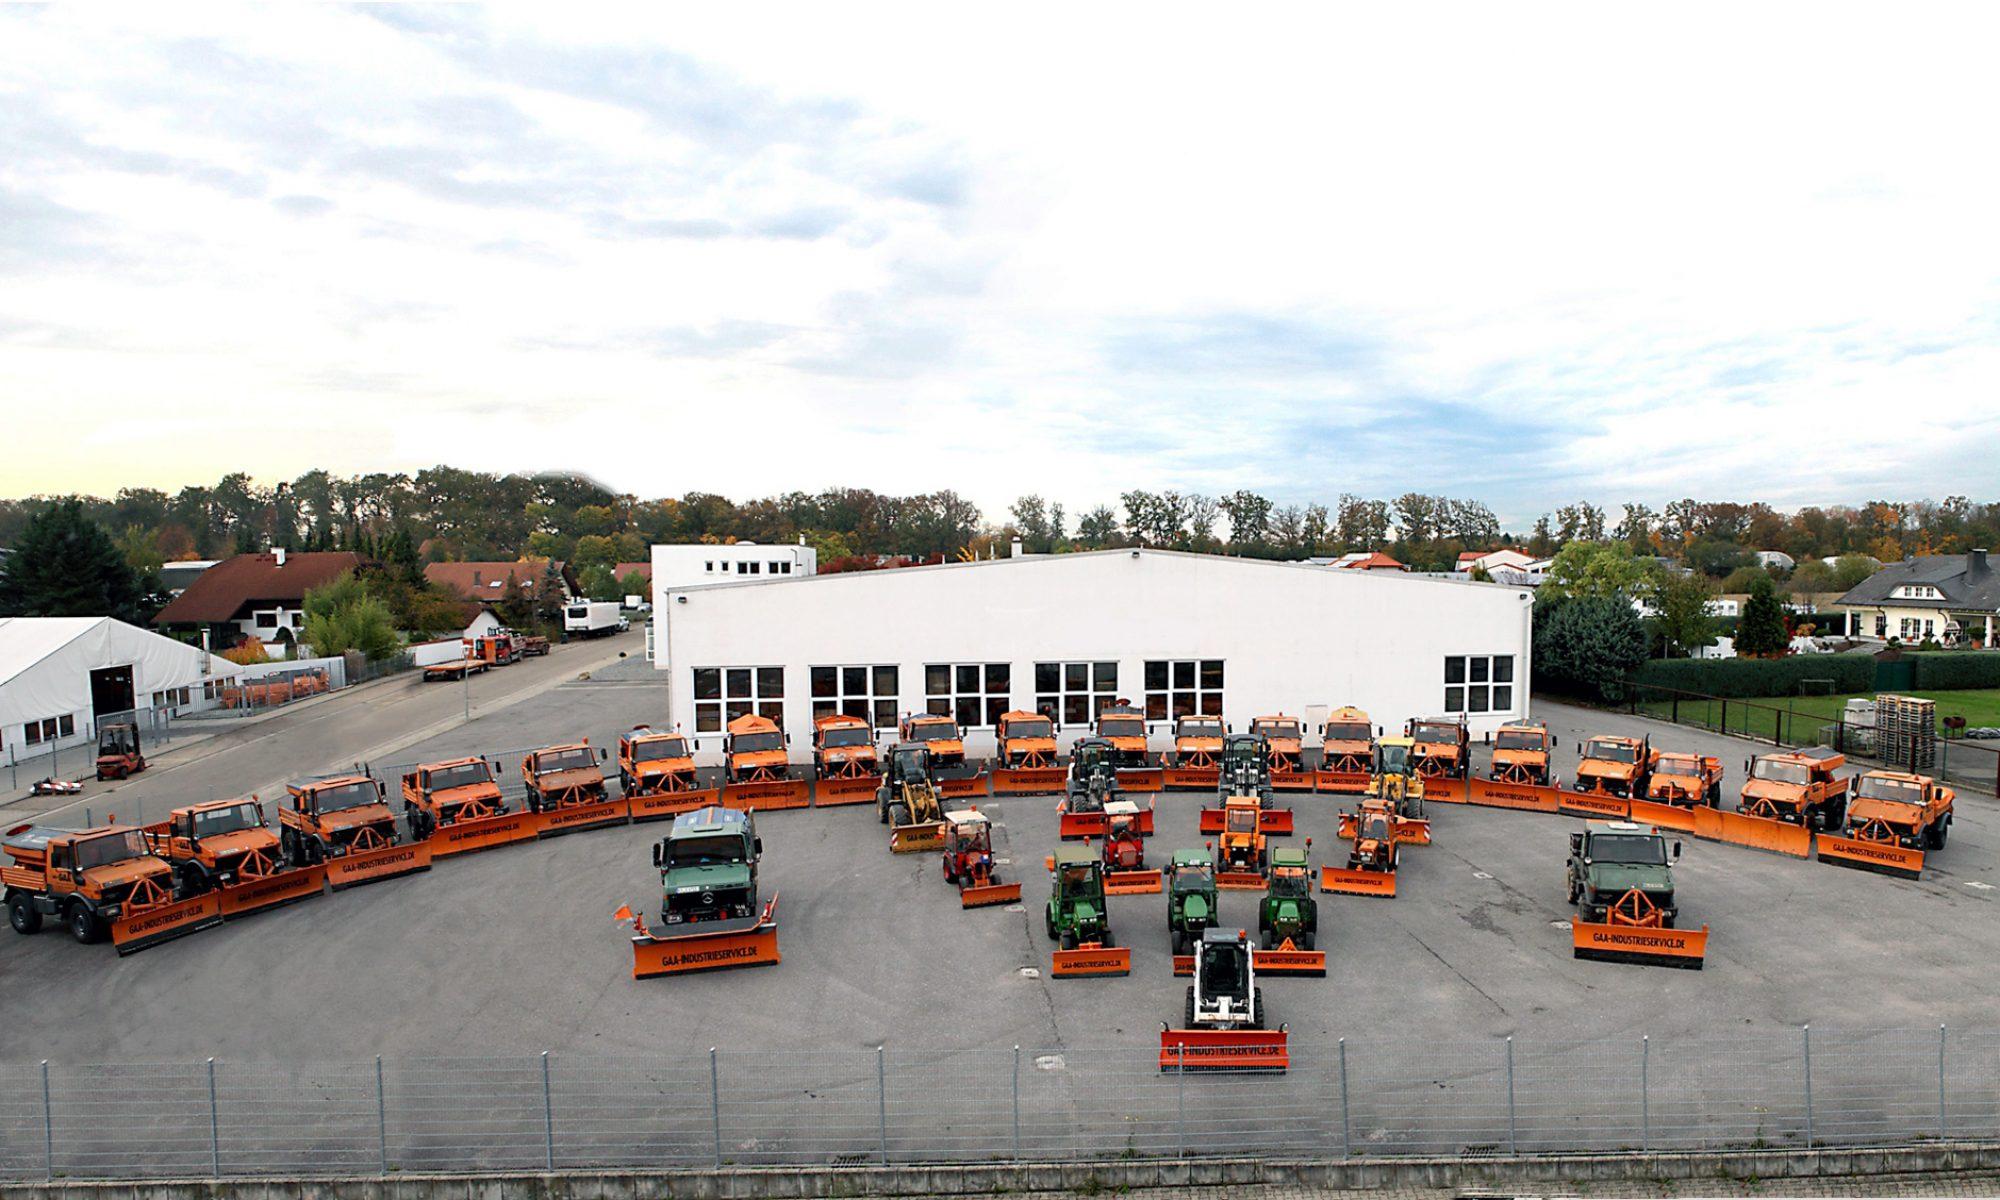 GAA GmbH